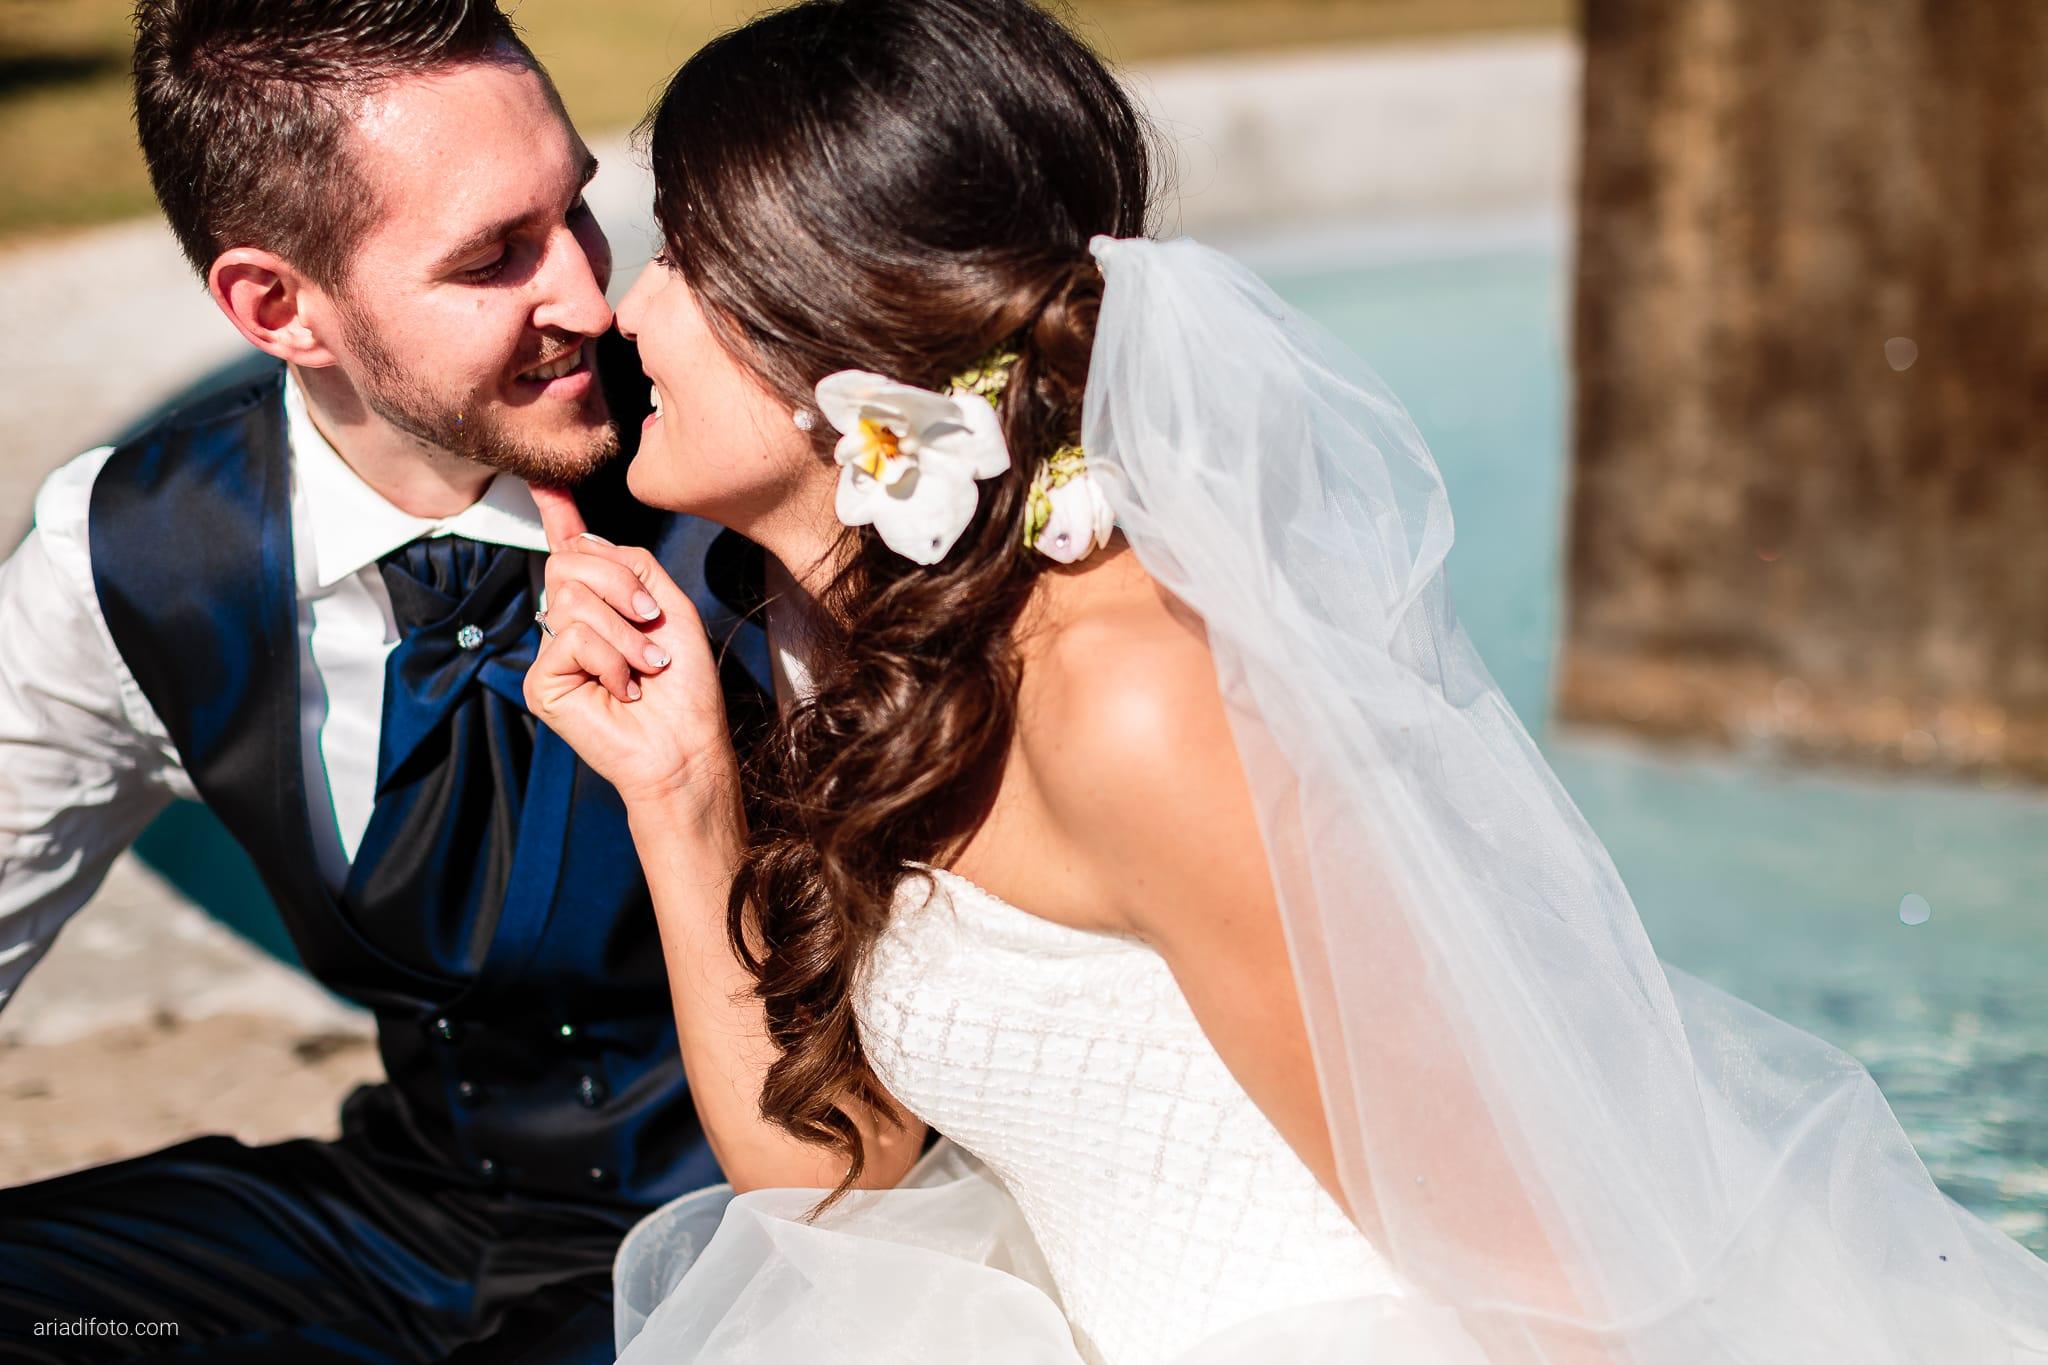 Mariarita Matteo Matrimonio Trieste Villa Attems Cernozza Postcastro Lucinico Gorizia ritratti sposi fontana